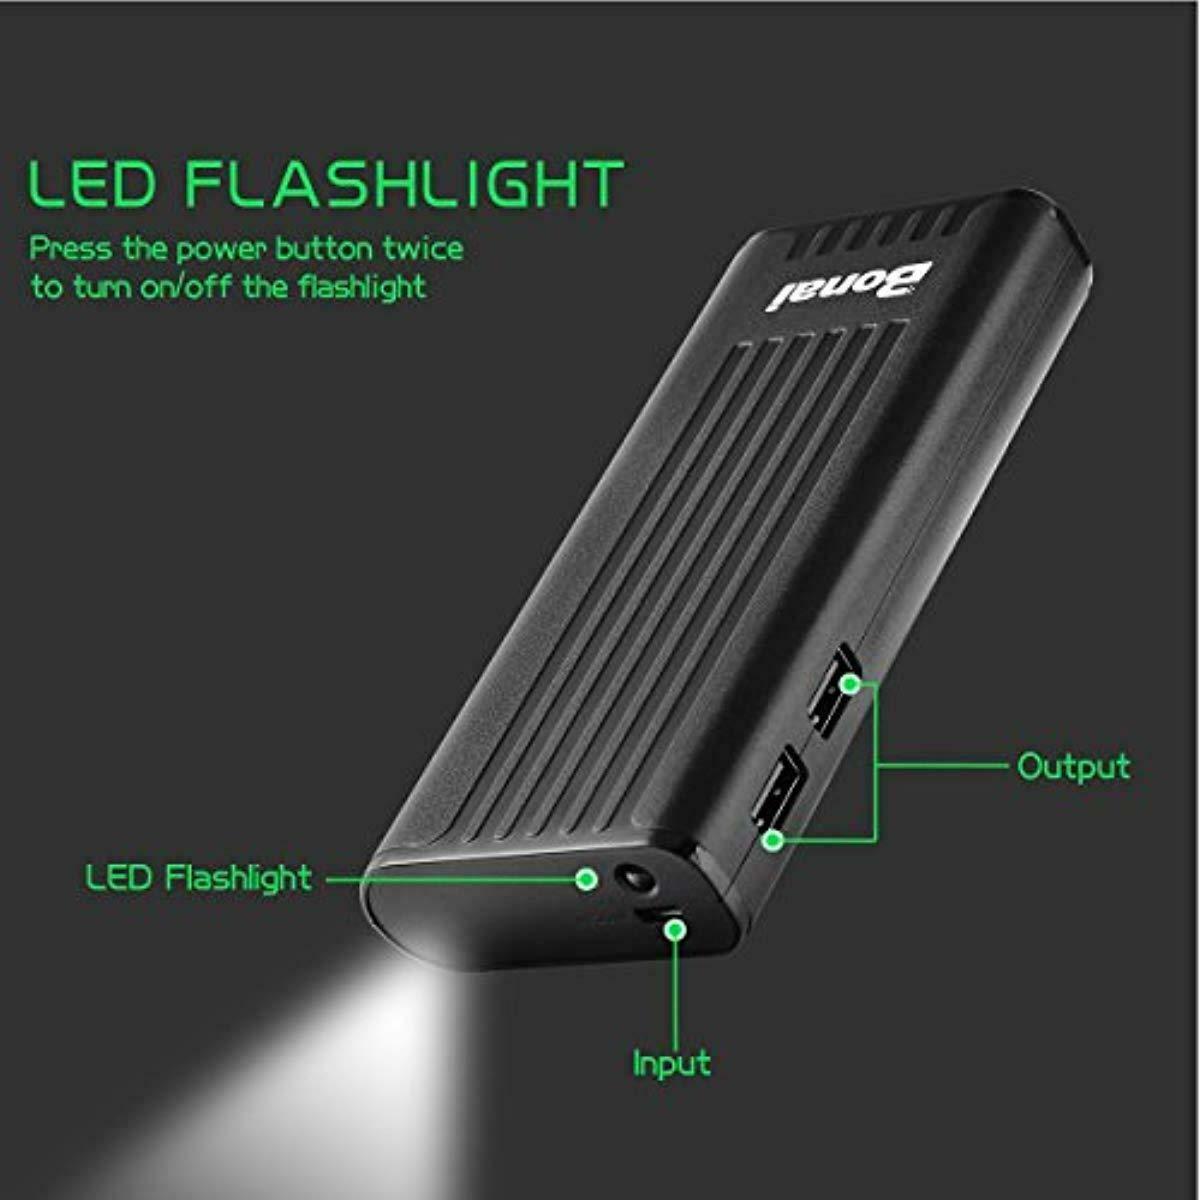 BONAI Portable Charger Power Bank 10,000mAh Battery Compatible iPhone Samsung